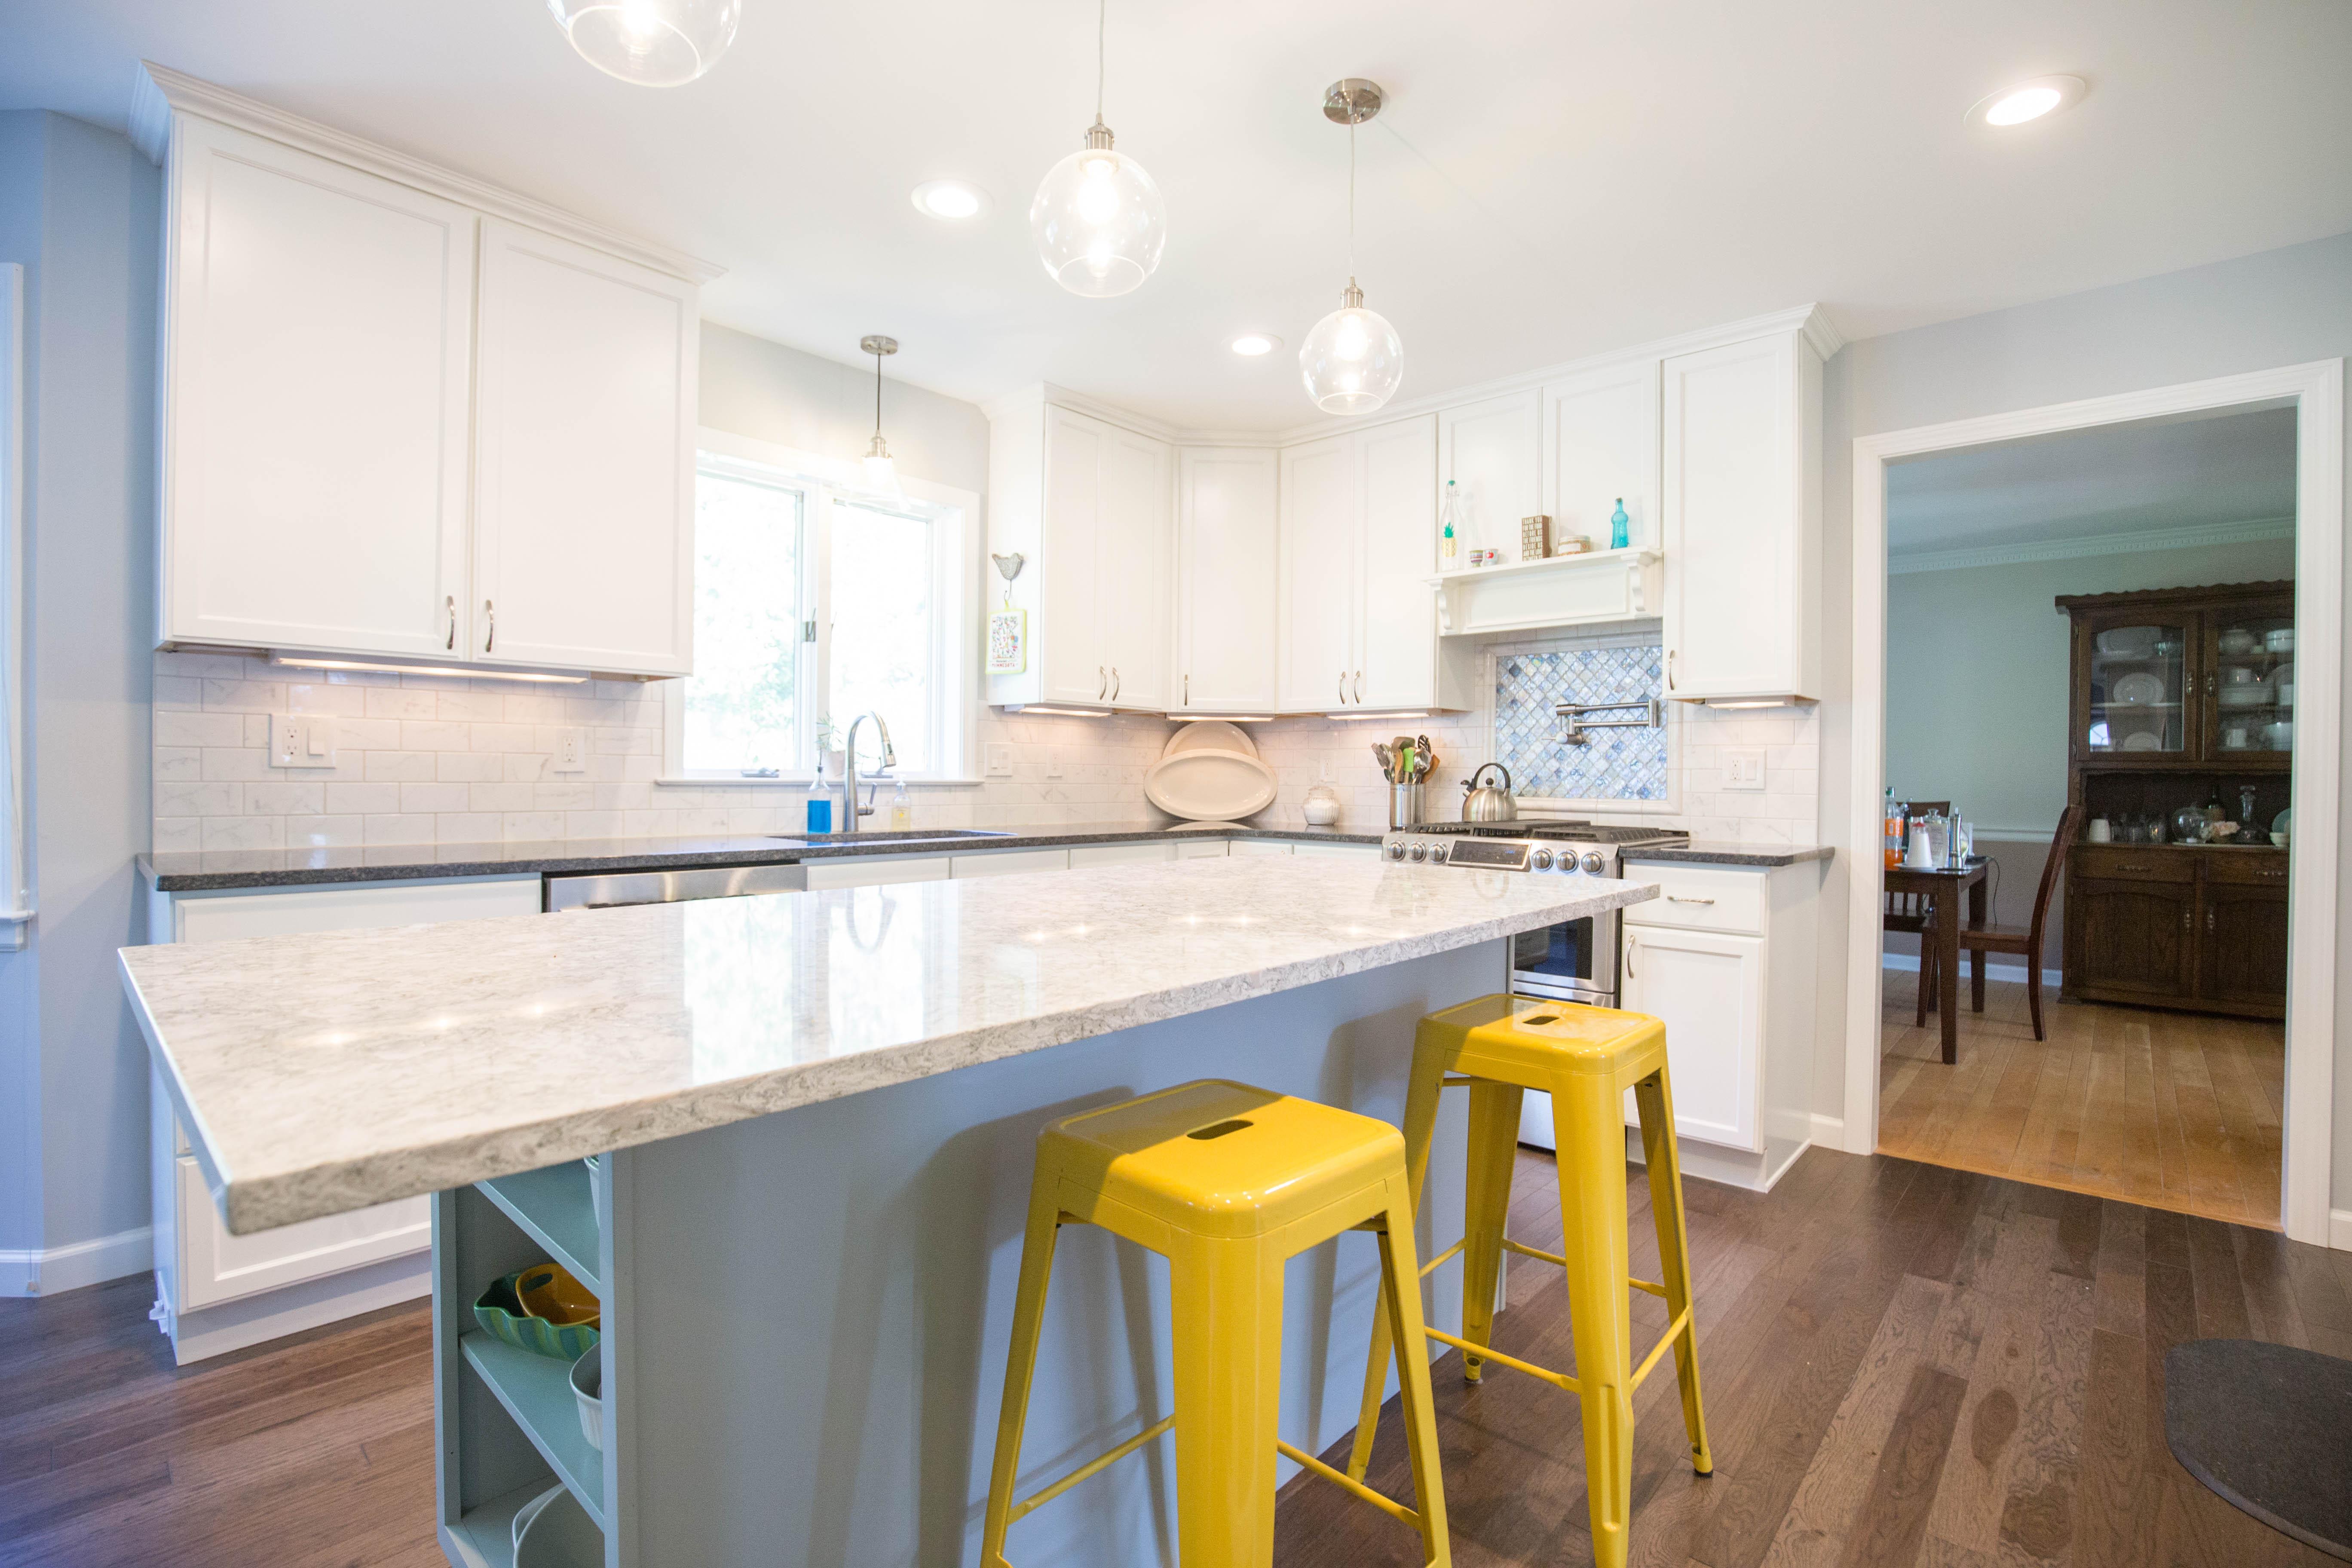 white transitional kitchen, white granite countertop